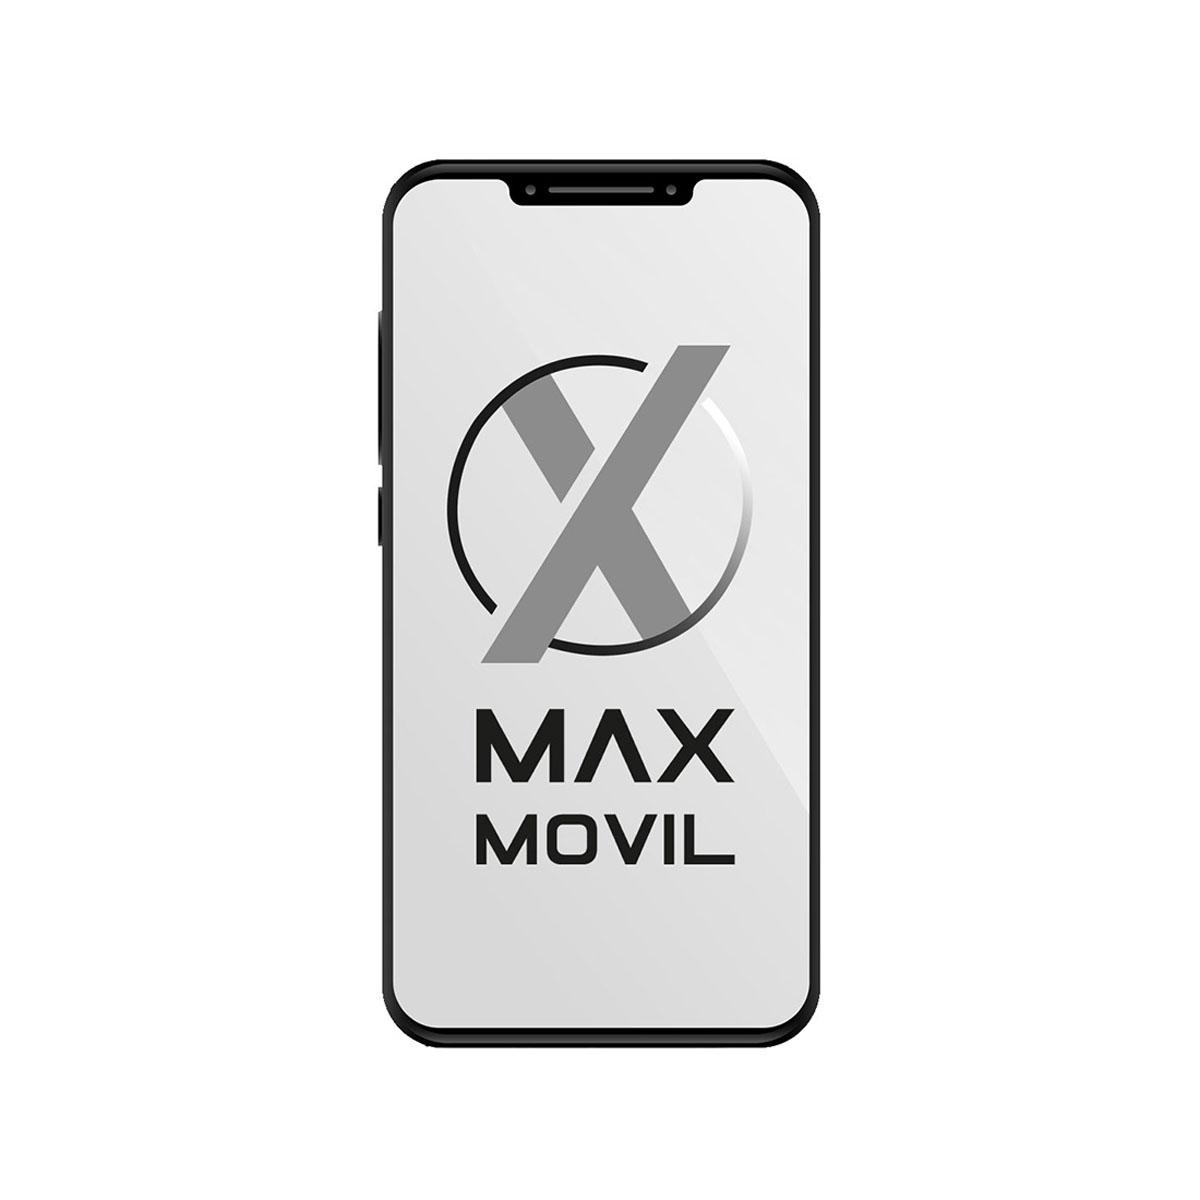 Sobremesa GSM Xacom 158a